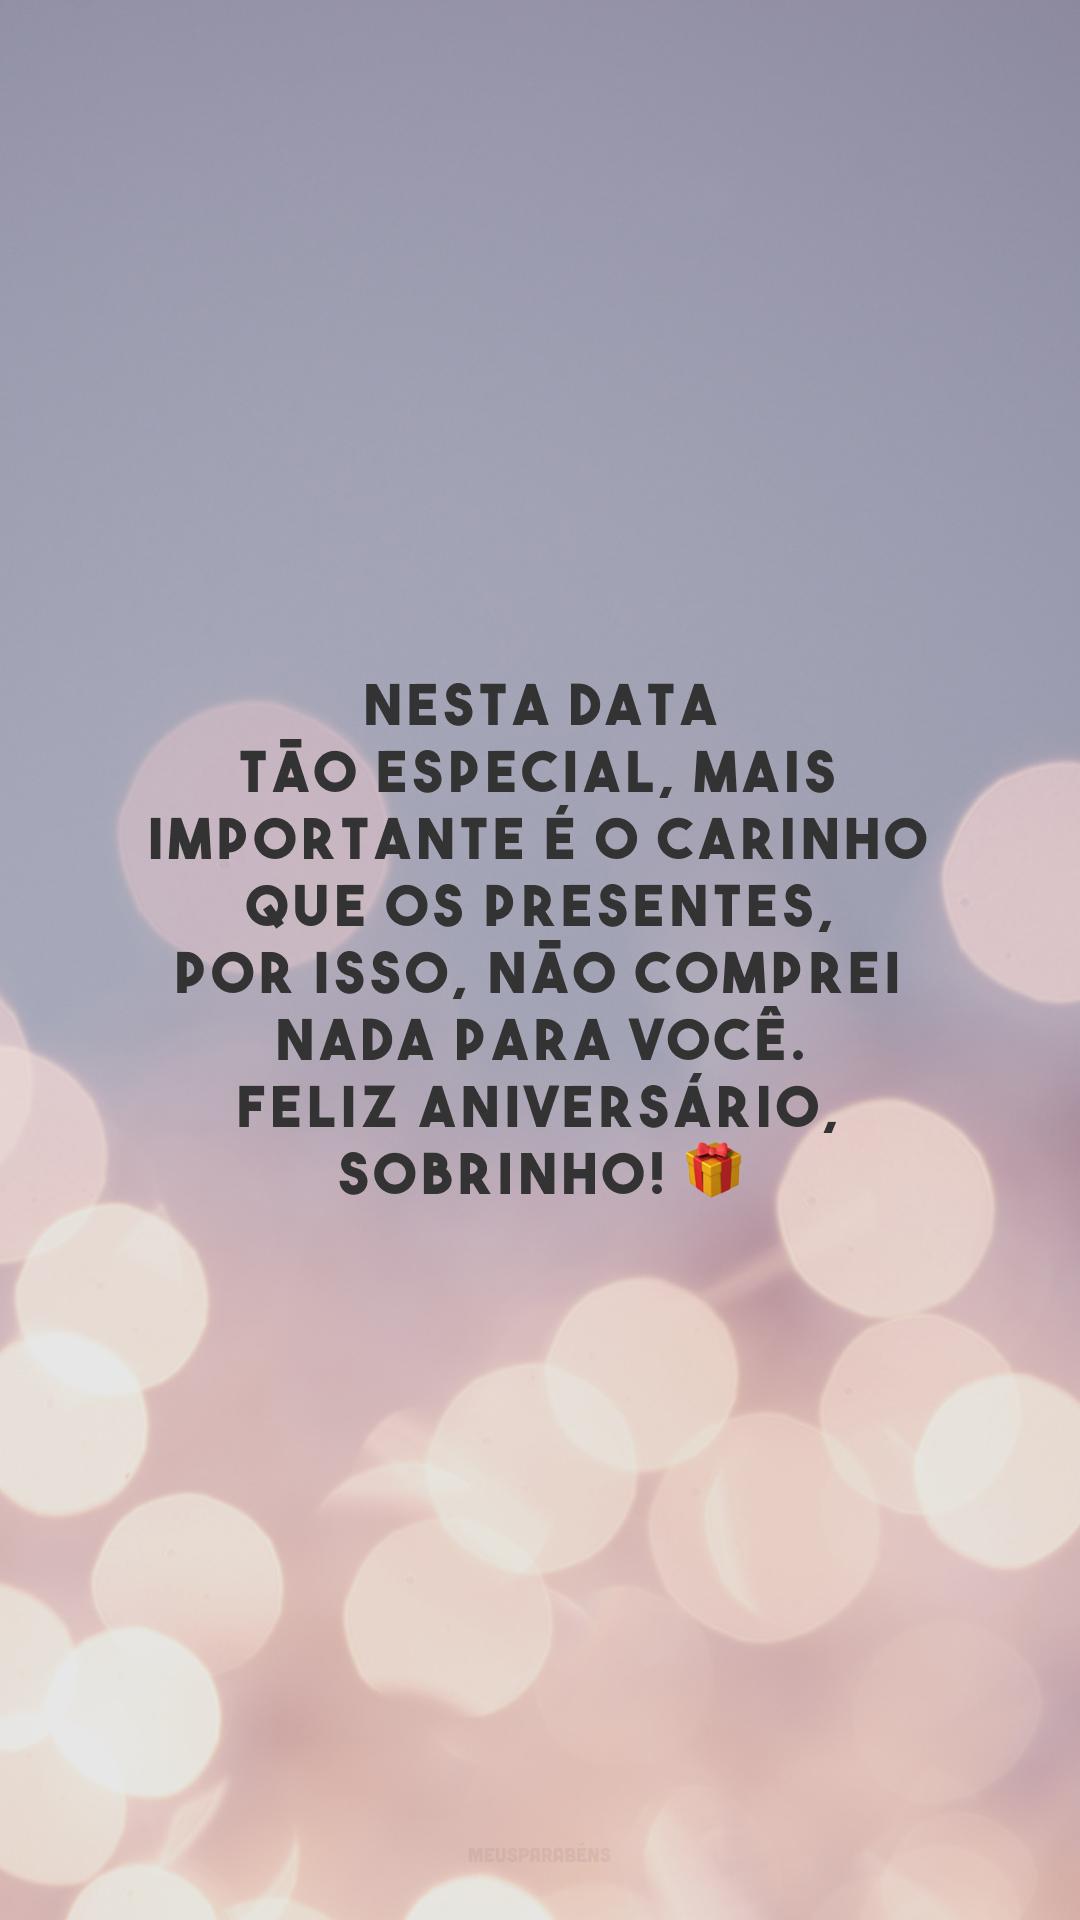 Nesta data tão especial, mais importante é o carinho que os presentes, por isso, não comprei nada para você. Feliz aniversário, sobrinho! 🎁